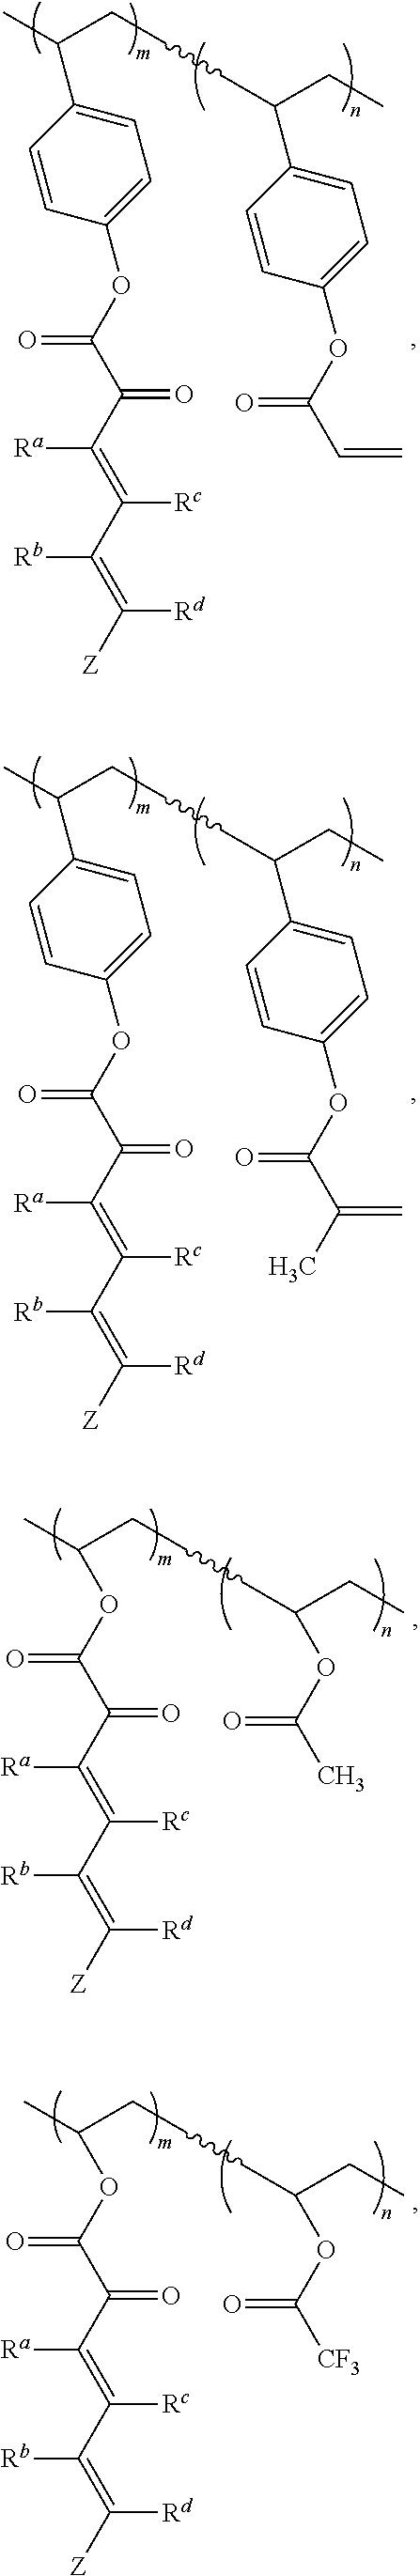 Figure US08878169-20141104-C00028